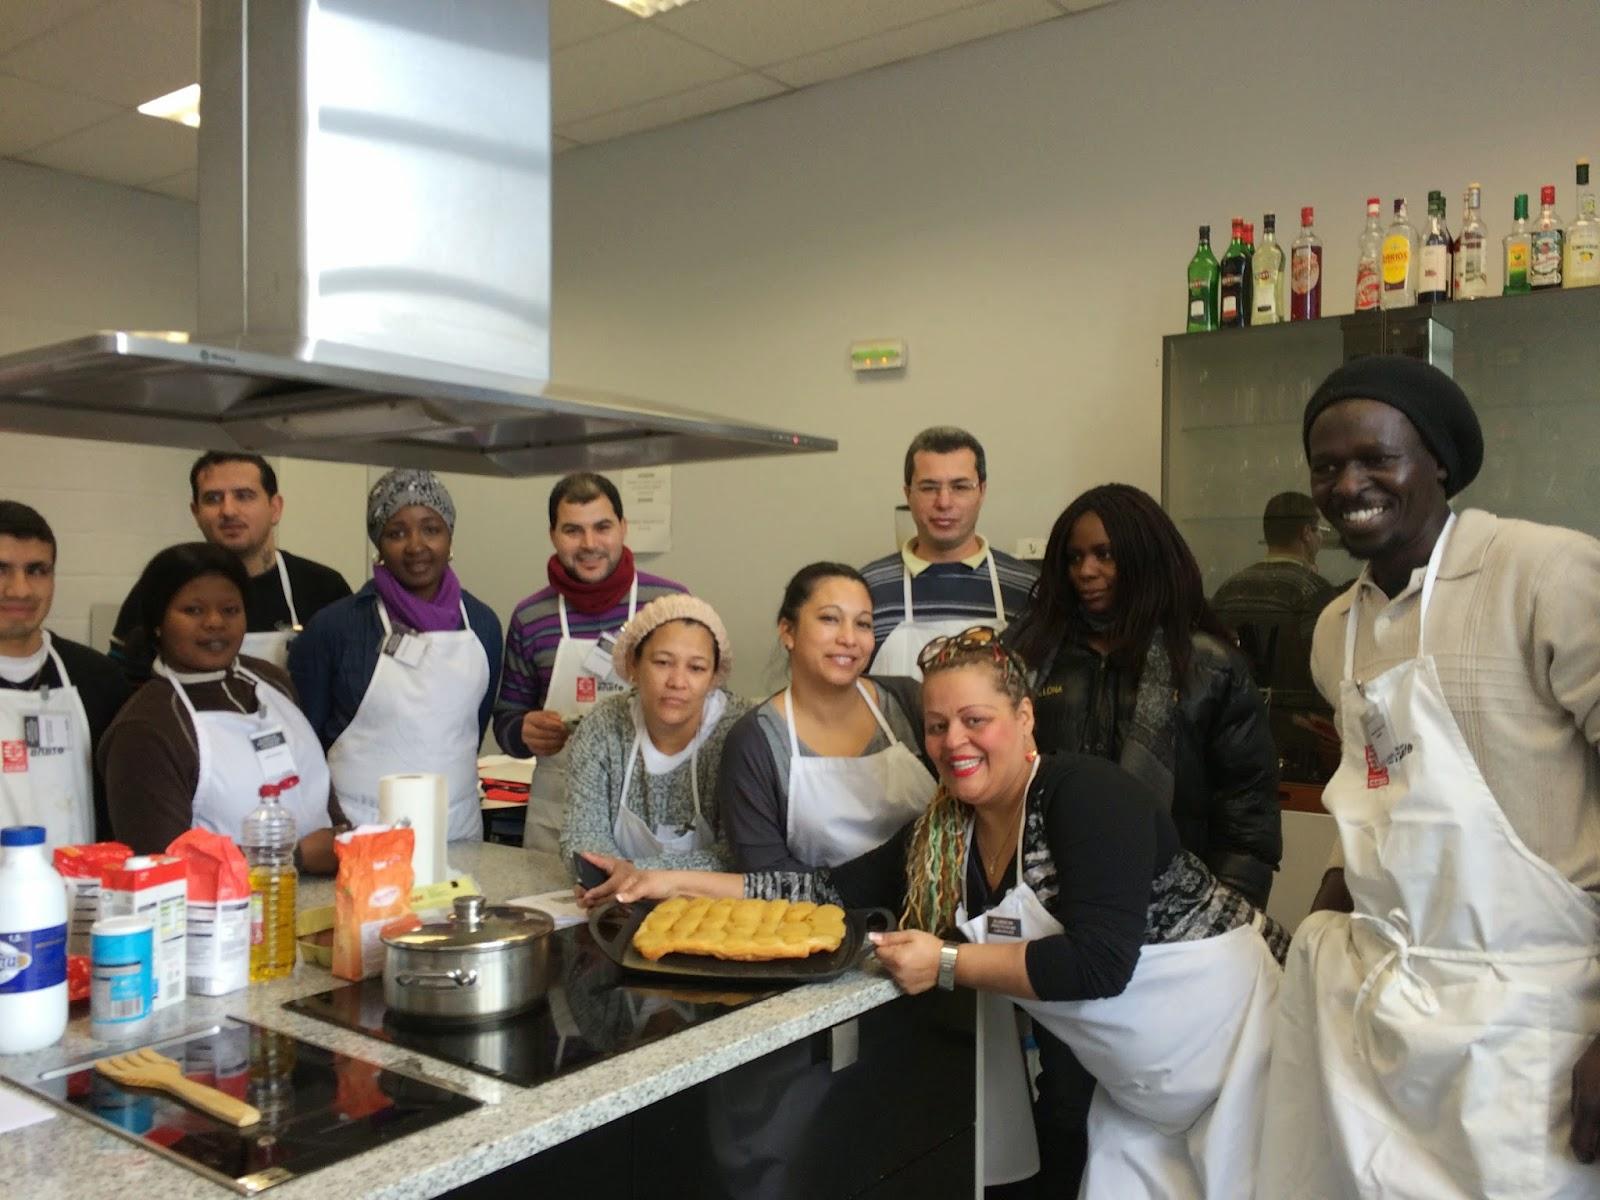 Hacer f cil lo dif cil curso de ayudante de cocina for Cursos de ayudante de cocina